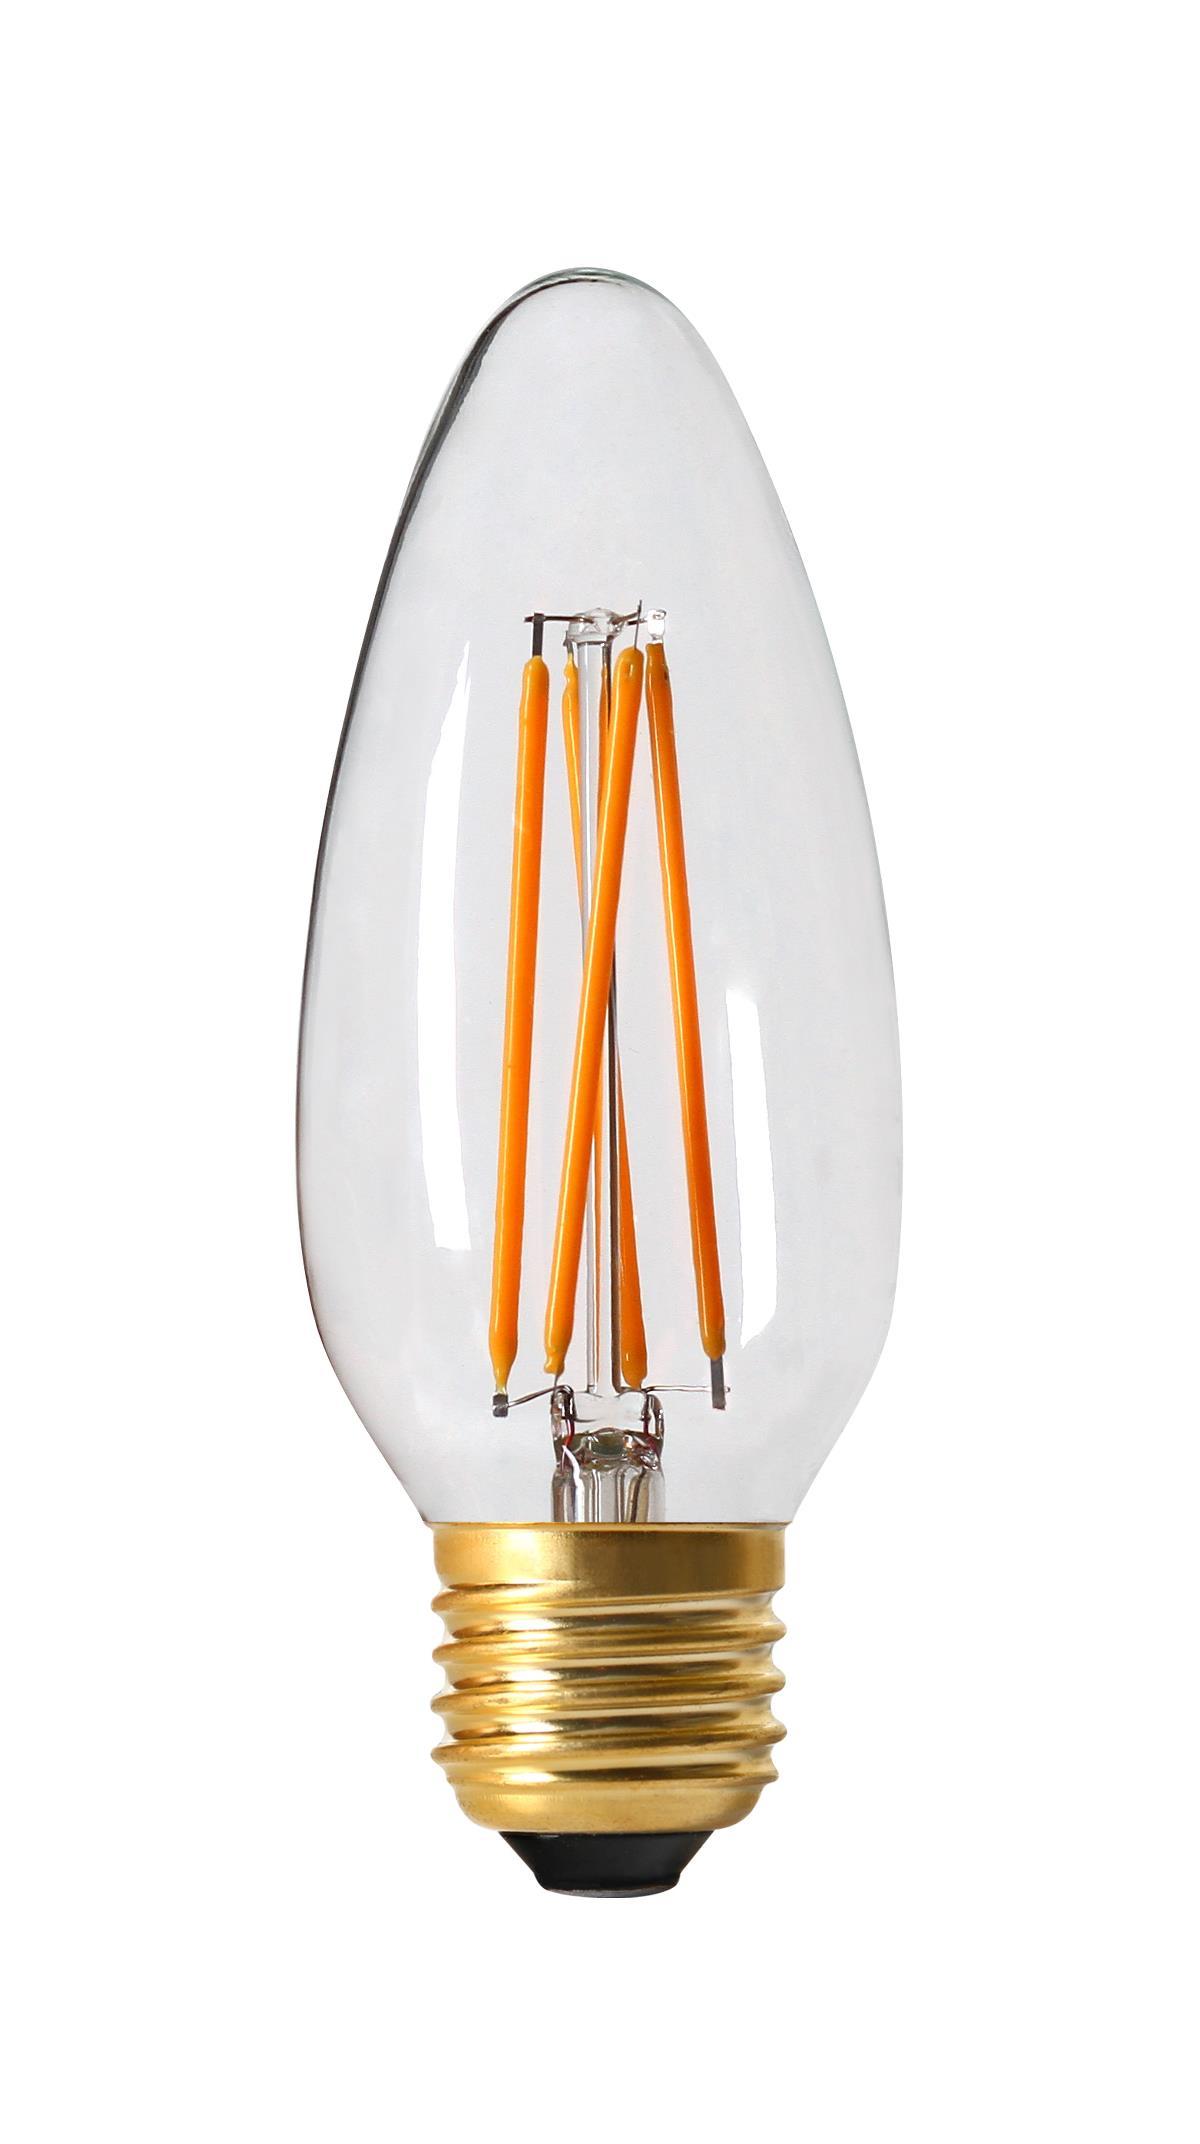 danlamp – E27 - 3,5w led kirkekerte på luxlight.dk